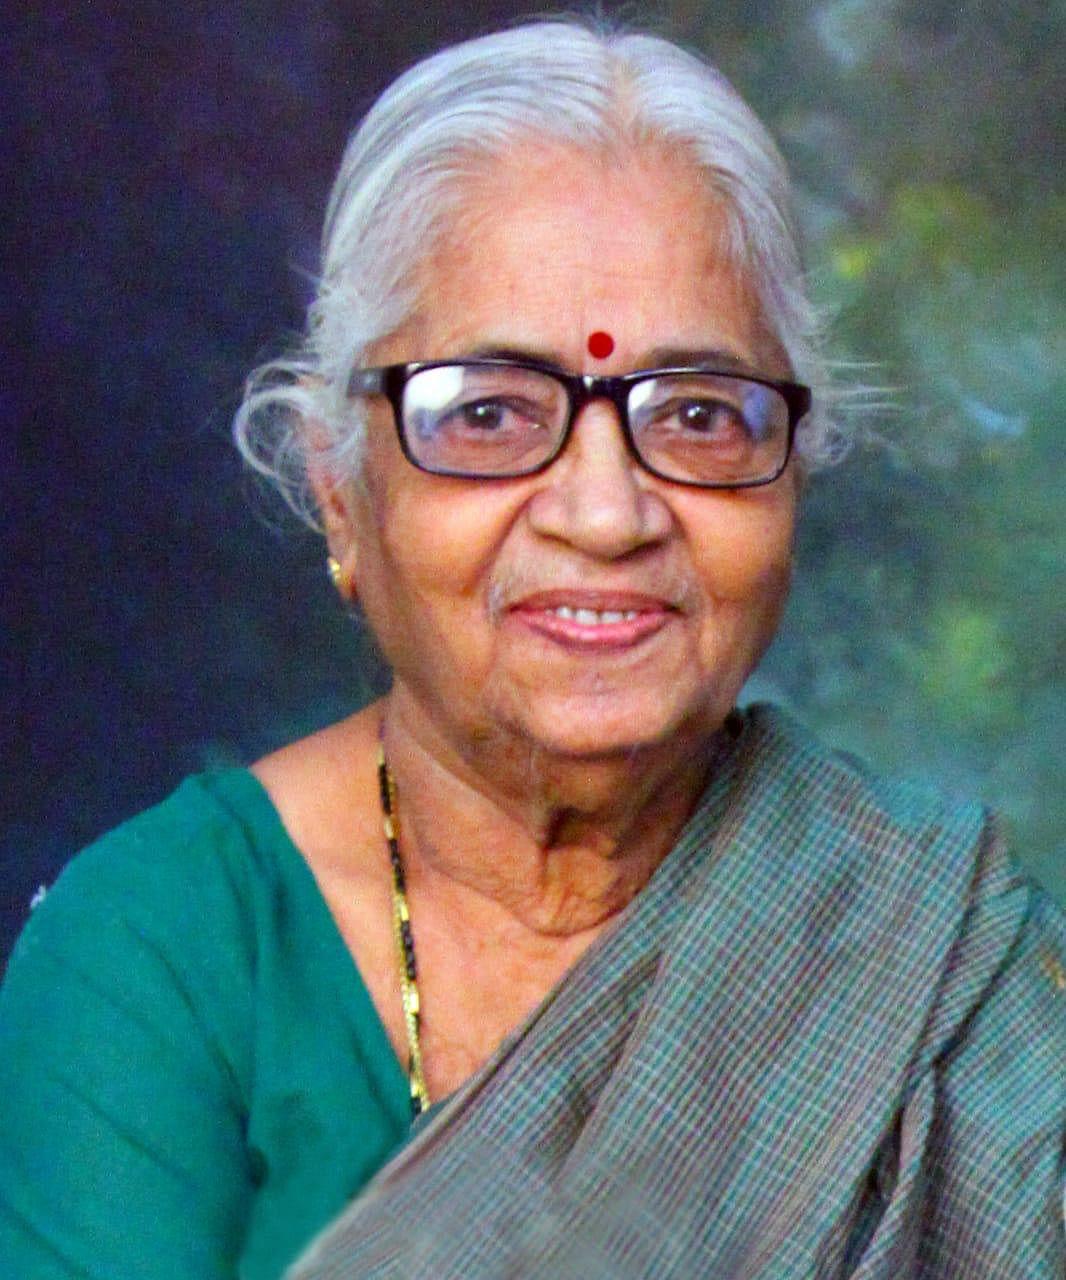 எழுத்தாளர் கி.ராவின் மனைவி மறைவுக்கு மு.க.ஸ்டாலின் இரங்கல்!